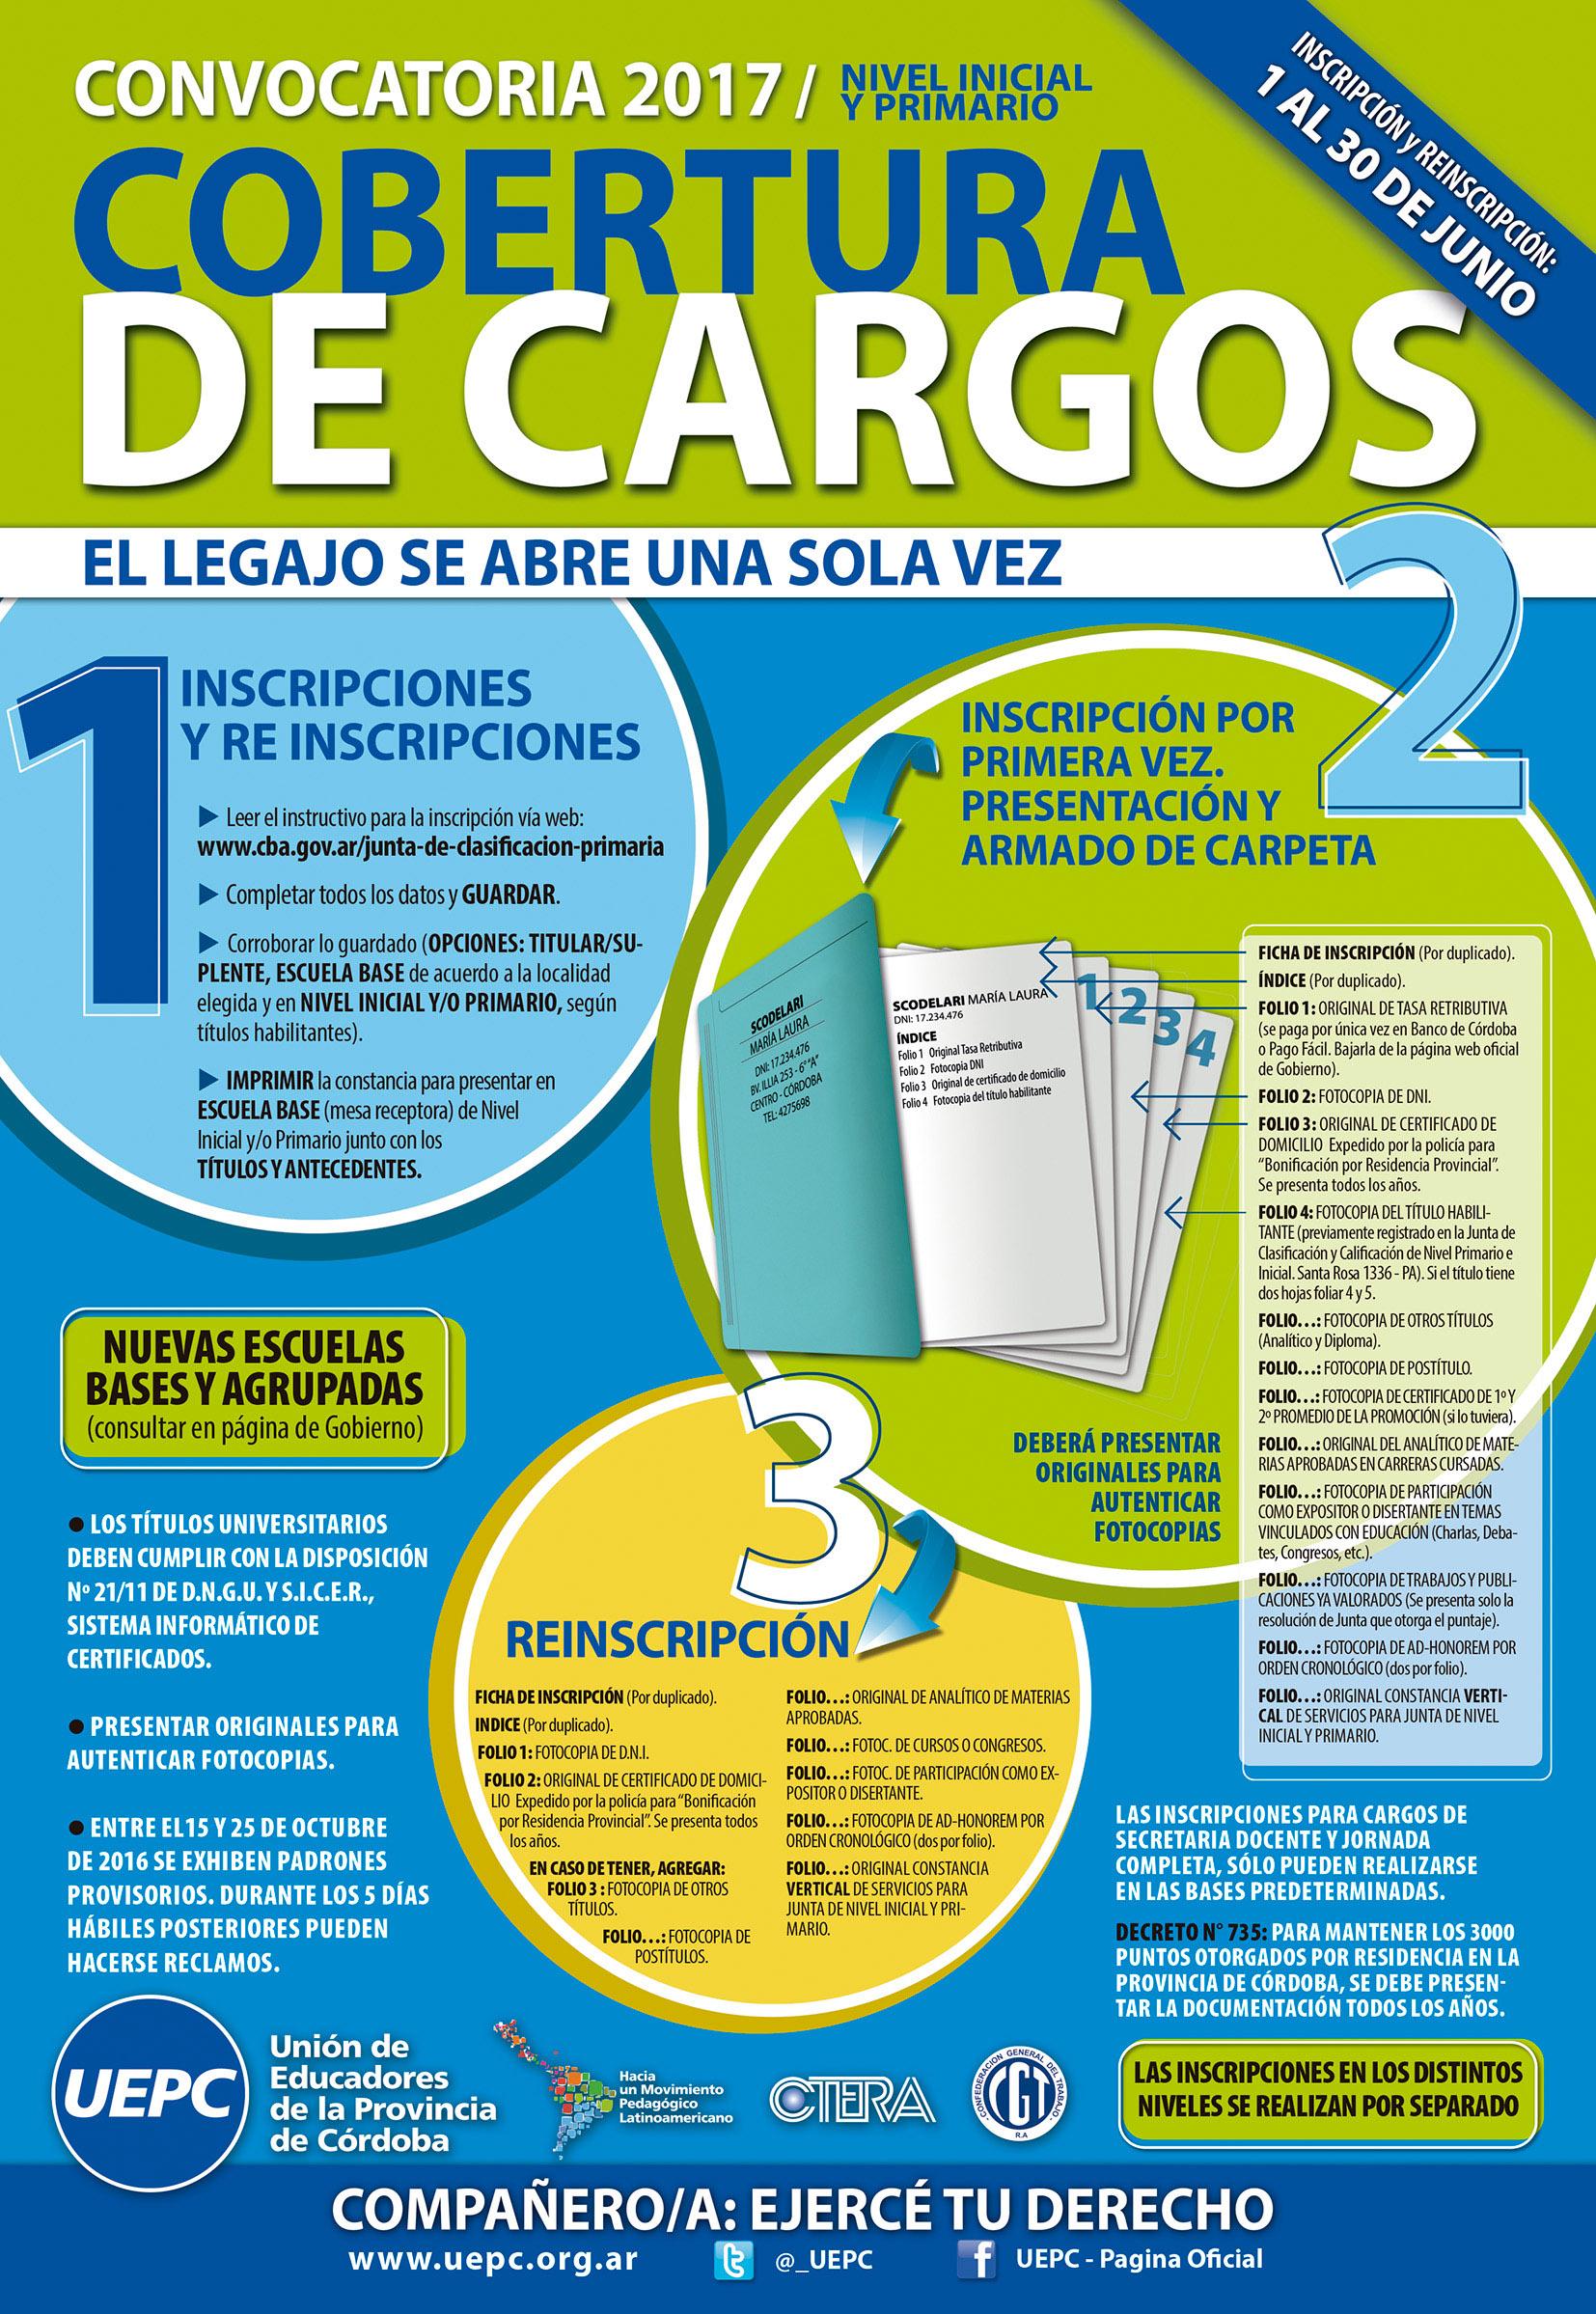 Convocatoria 2017 para nivel inicial y primario noticia for Convocatoria de docentes 2017